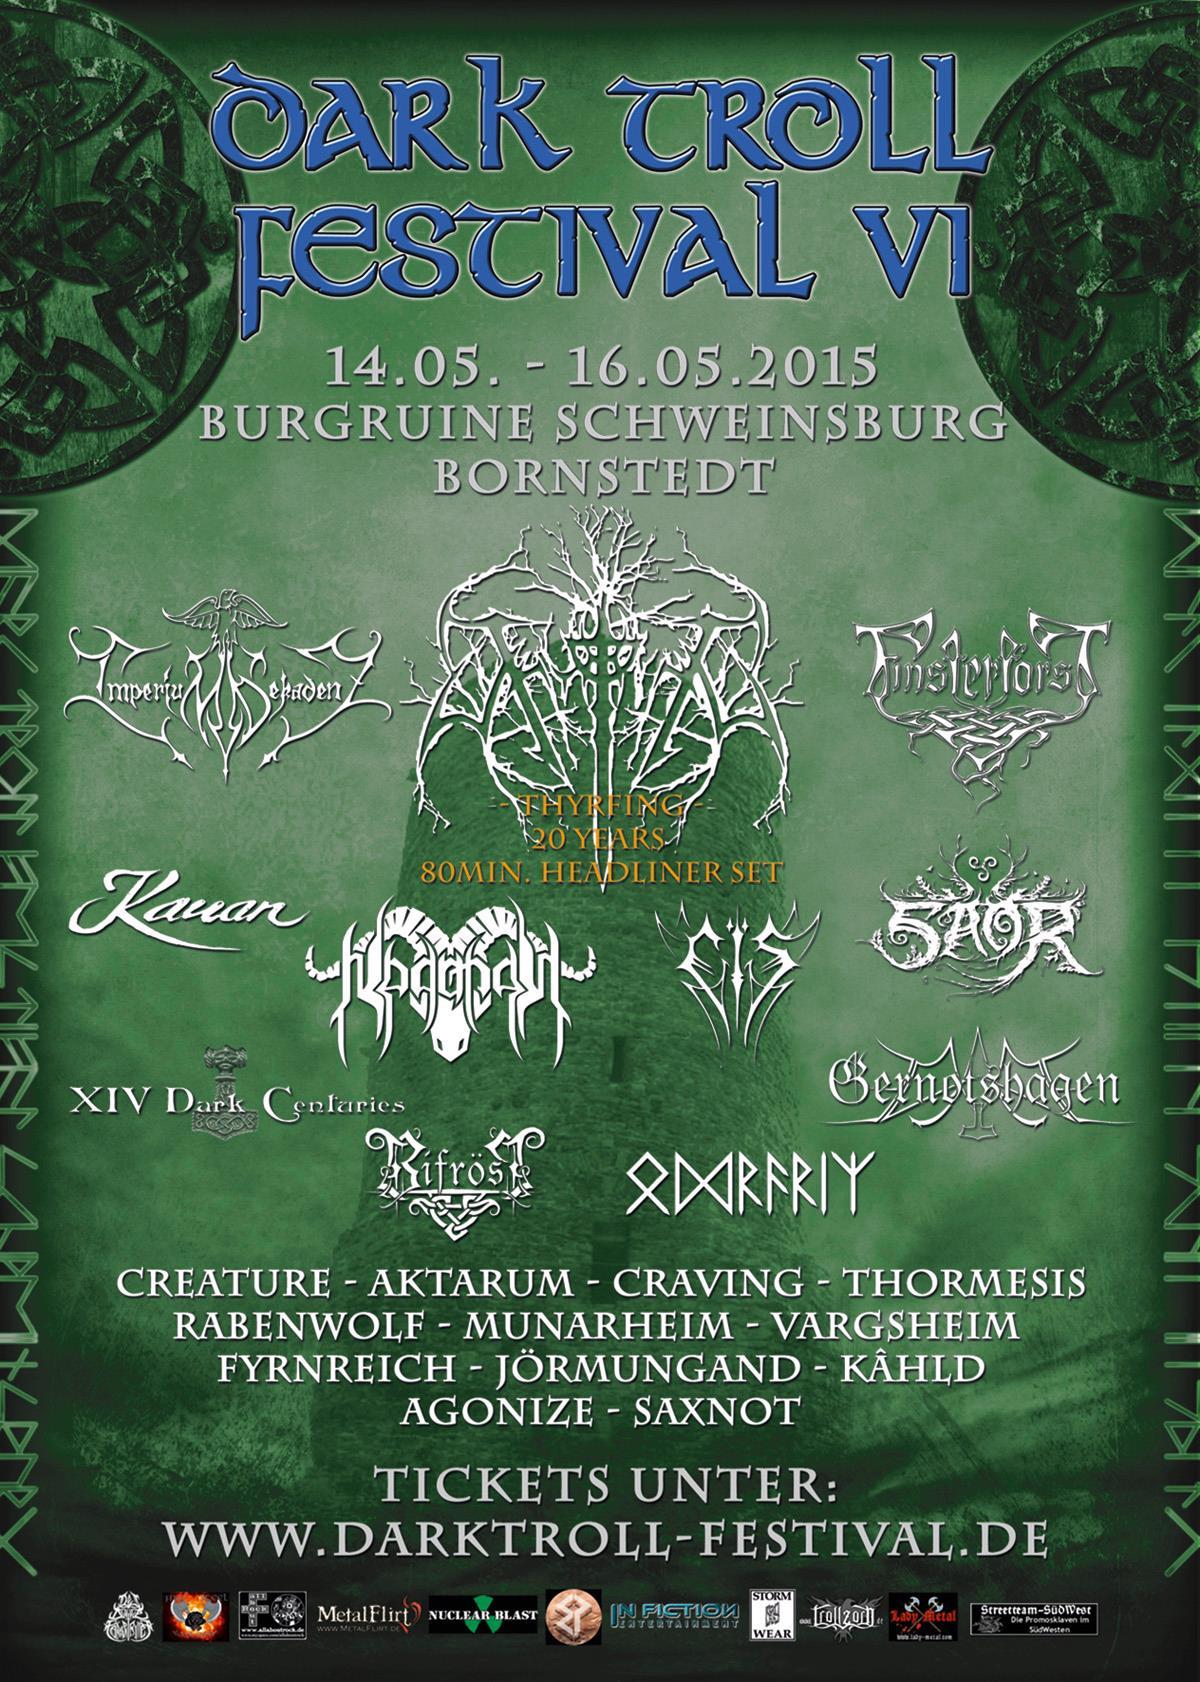 Dark Troll Festival VI